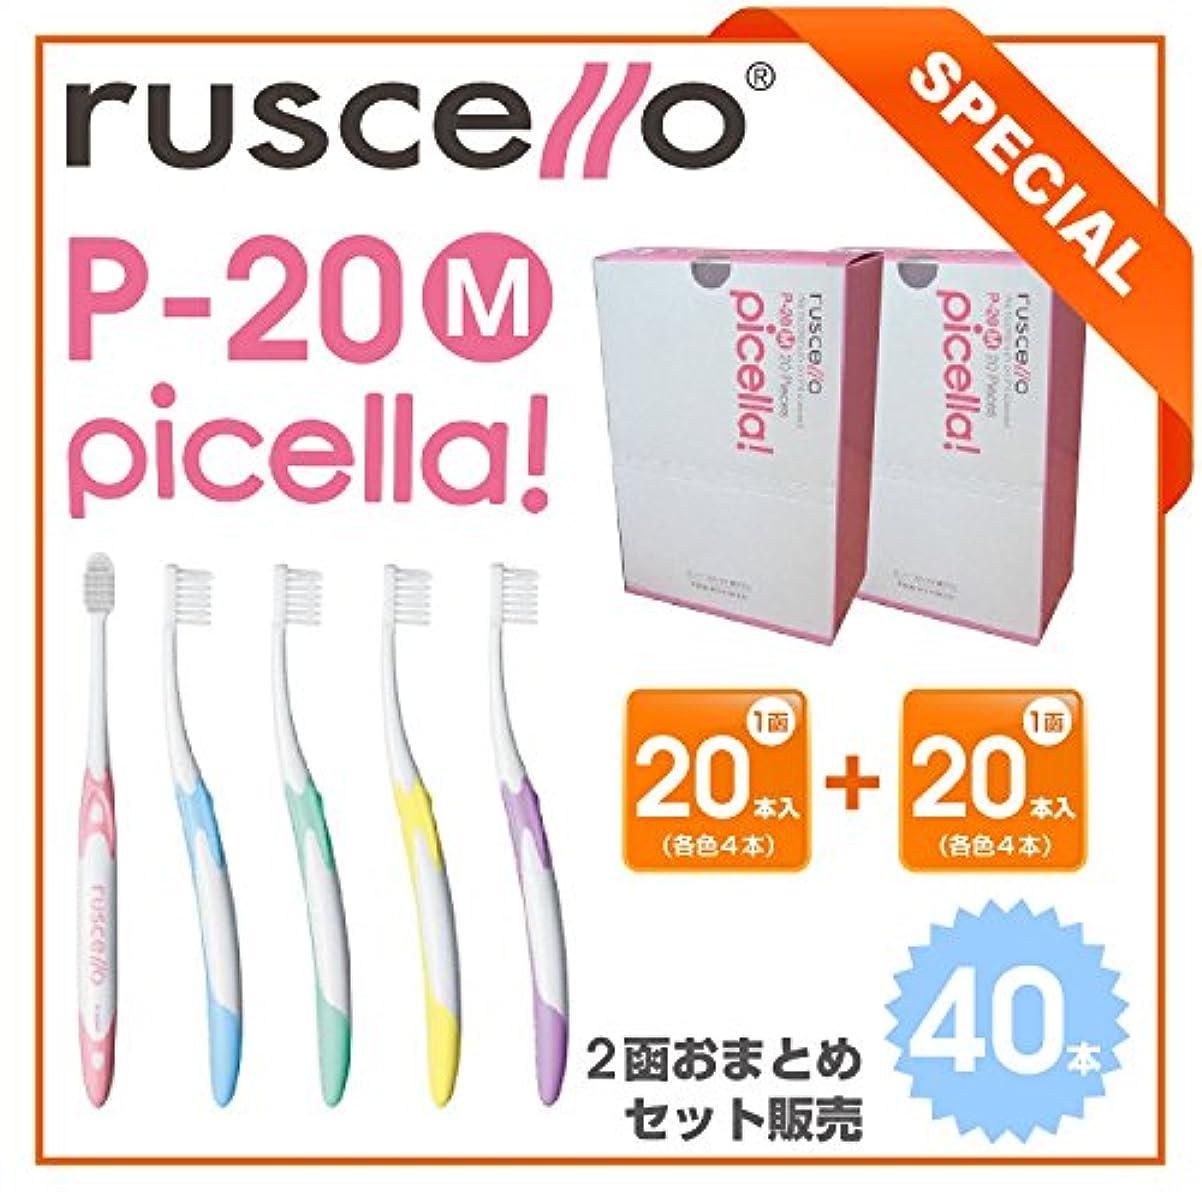 必要ない返還不十分なGC ジーシー ルシェロ歯ブラシ<P-20>ピセラ M ふつう 1函20本入×2函セット